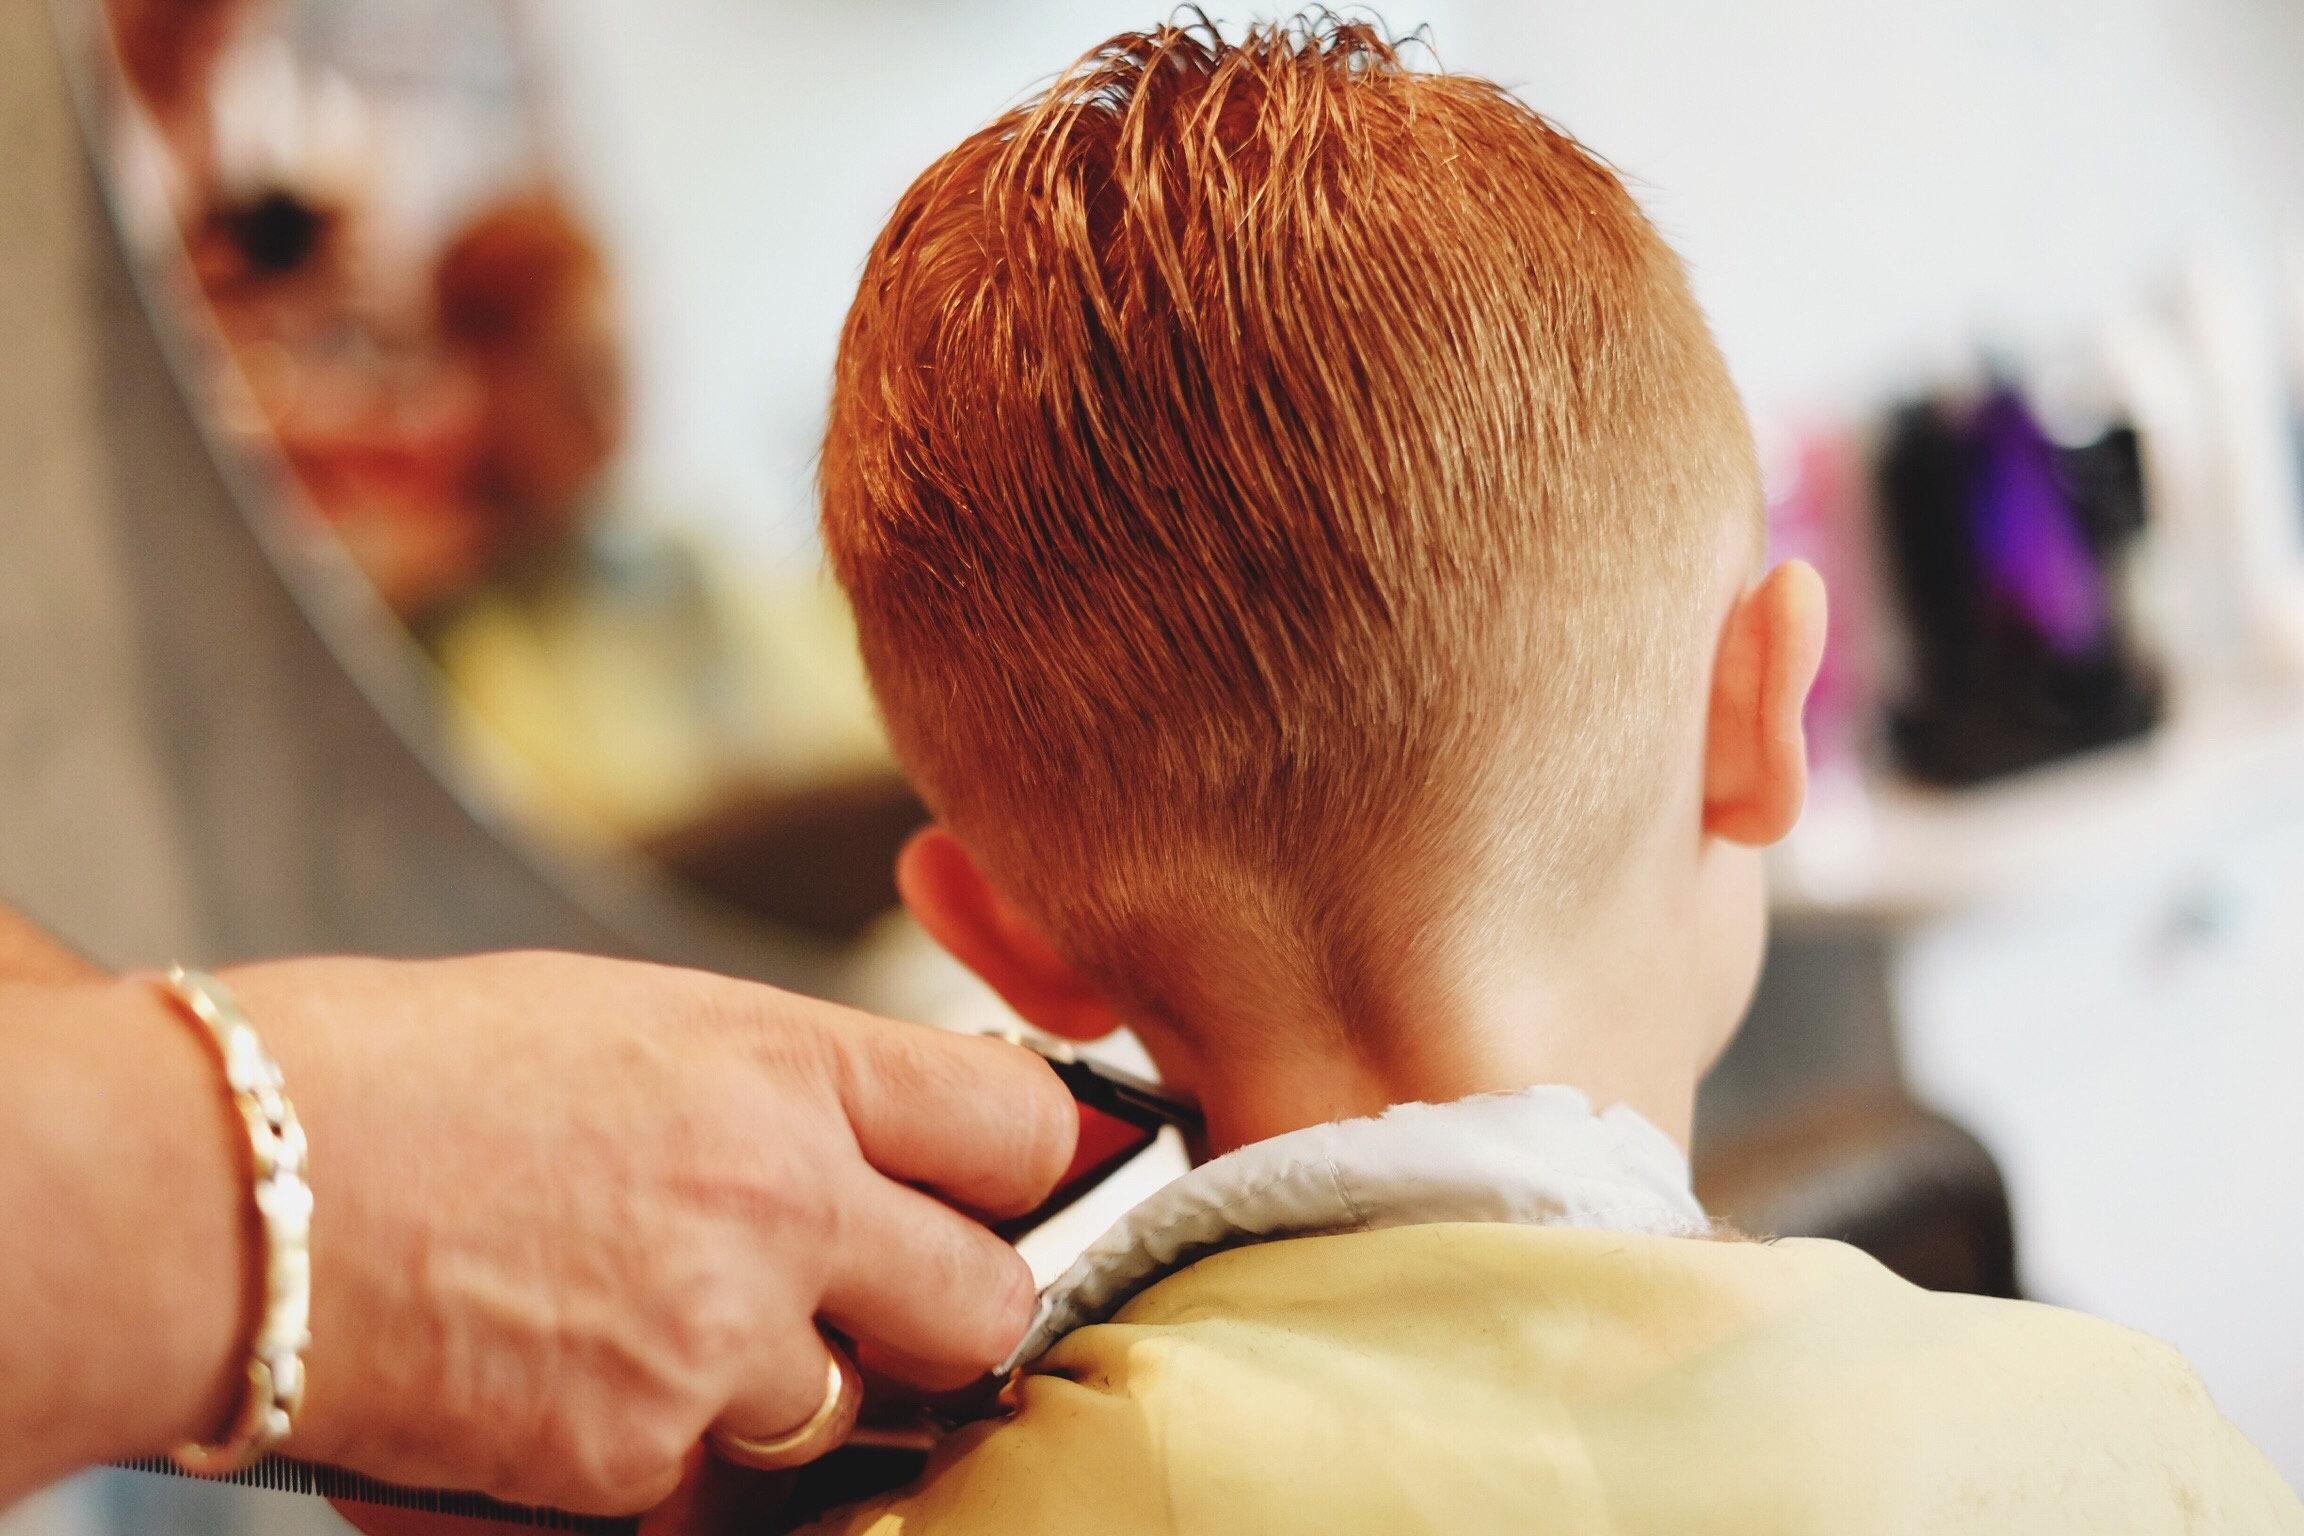 Schule verbannt 11-Jährigen vom Unterricht – wegen seiner Frisur